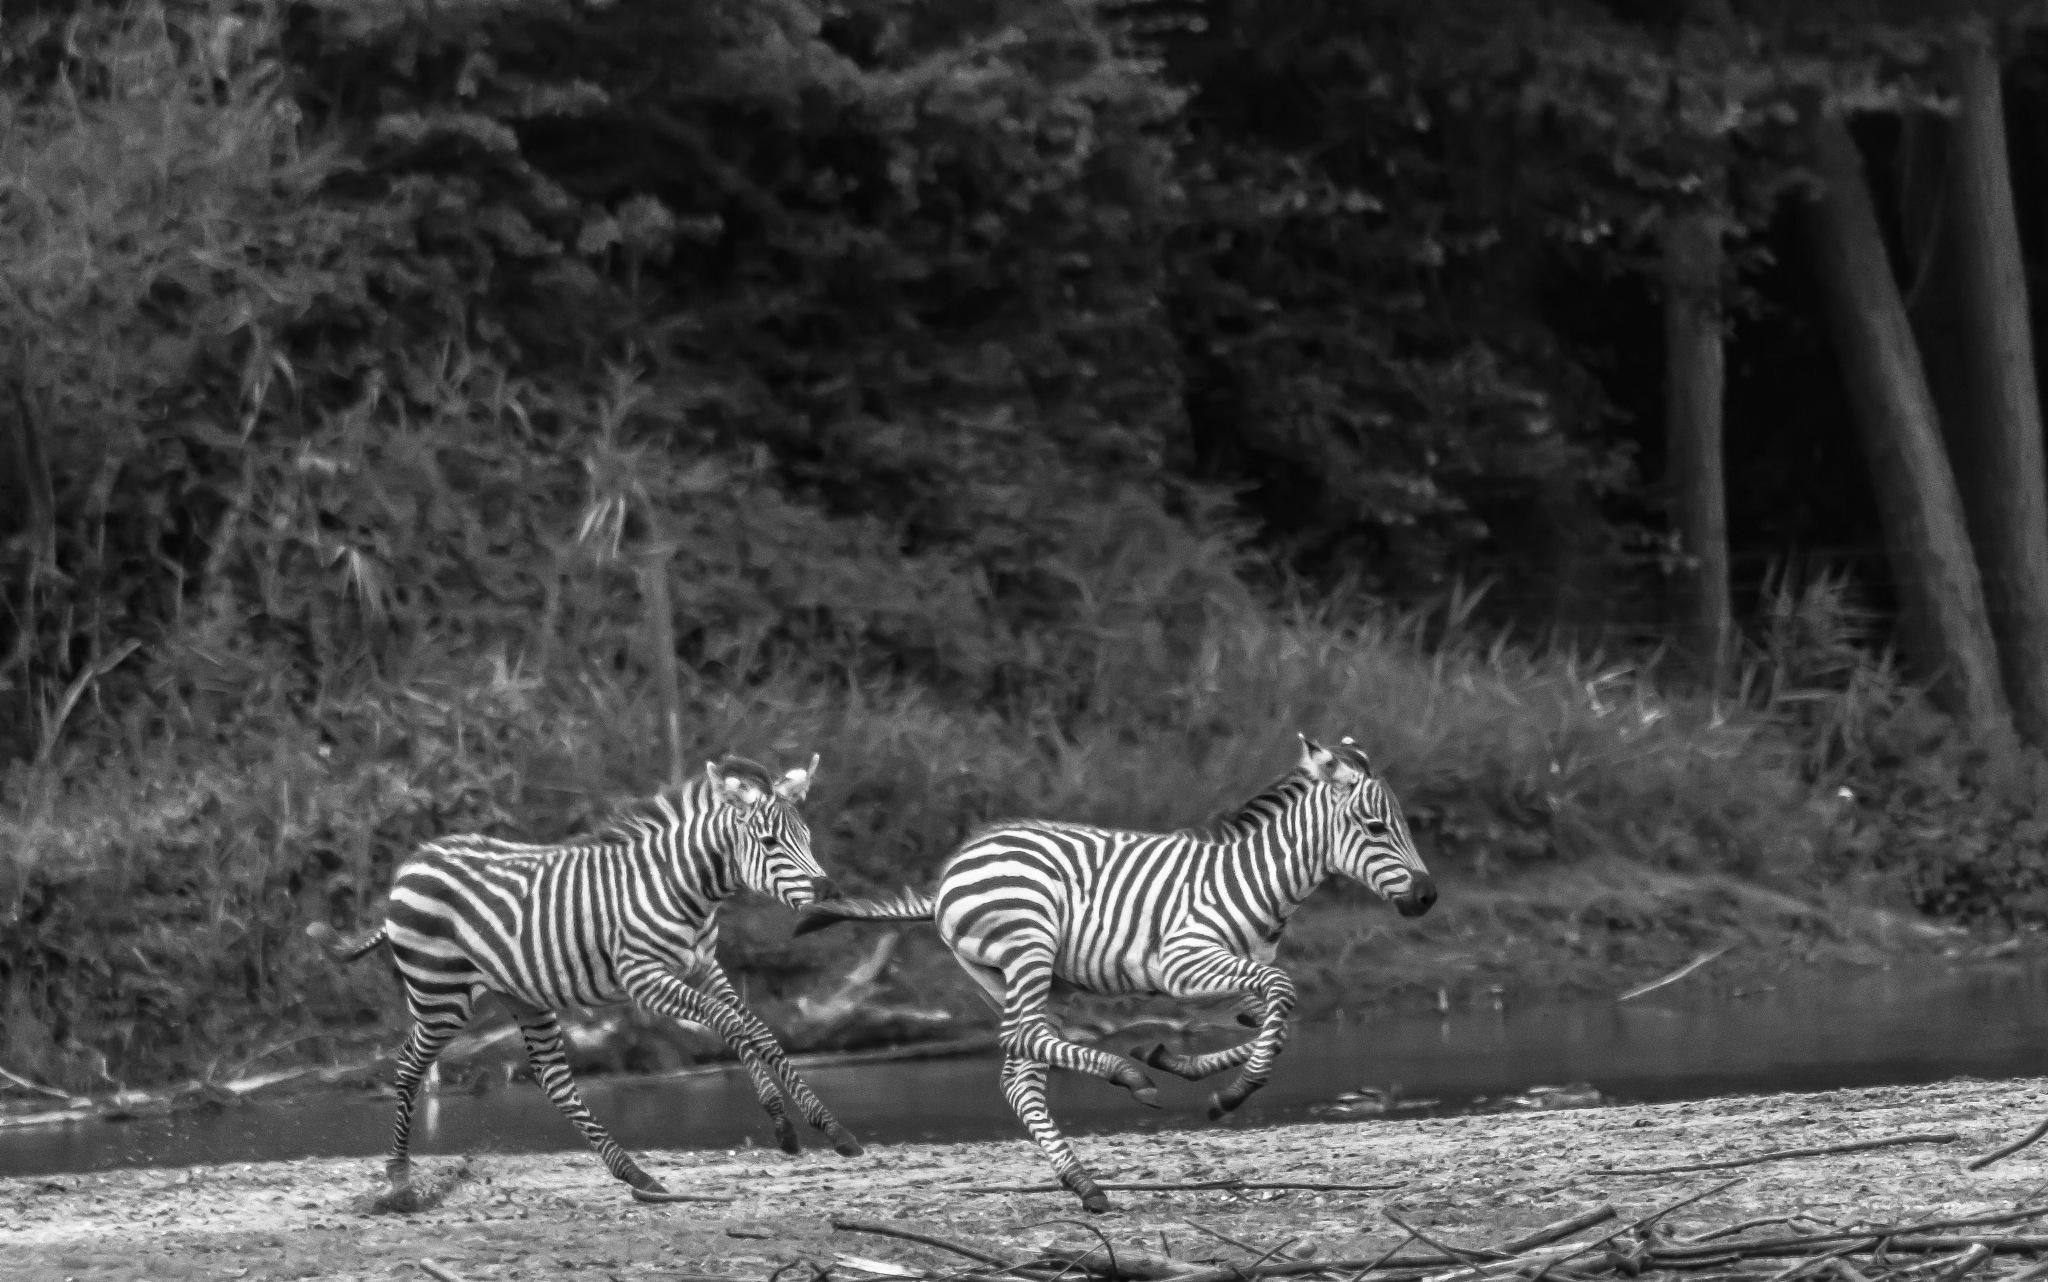 Running in Burgers' Zoo safari by Roelof de Haan